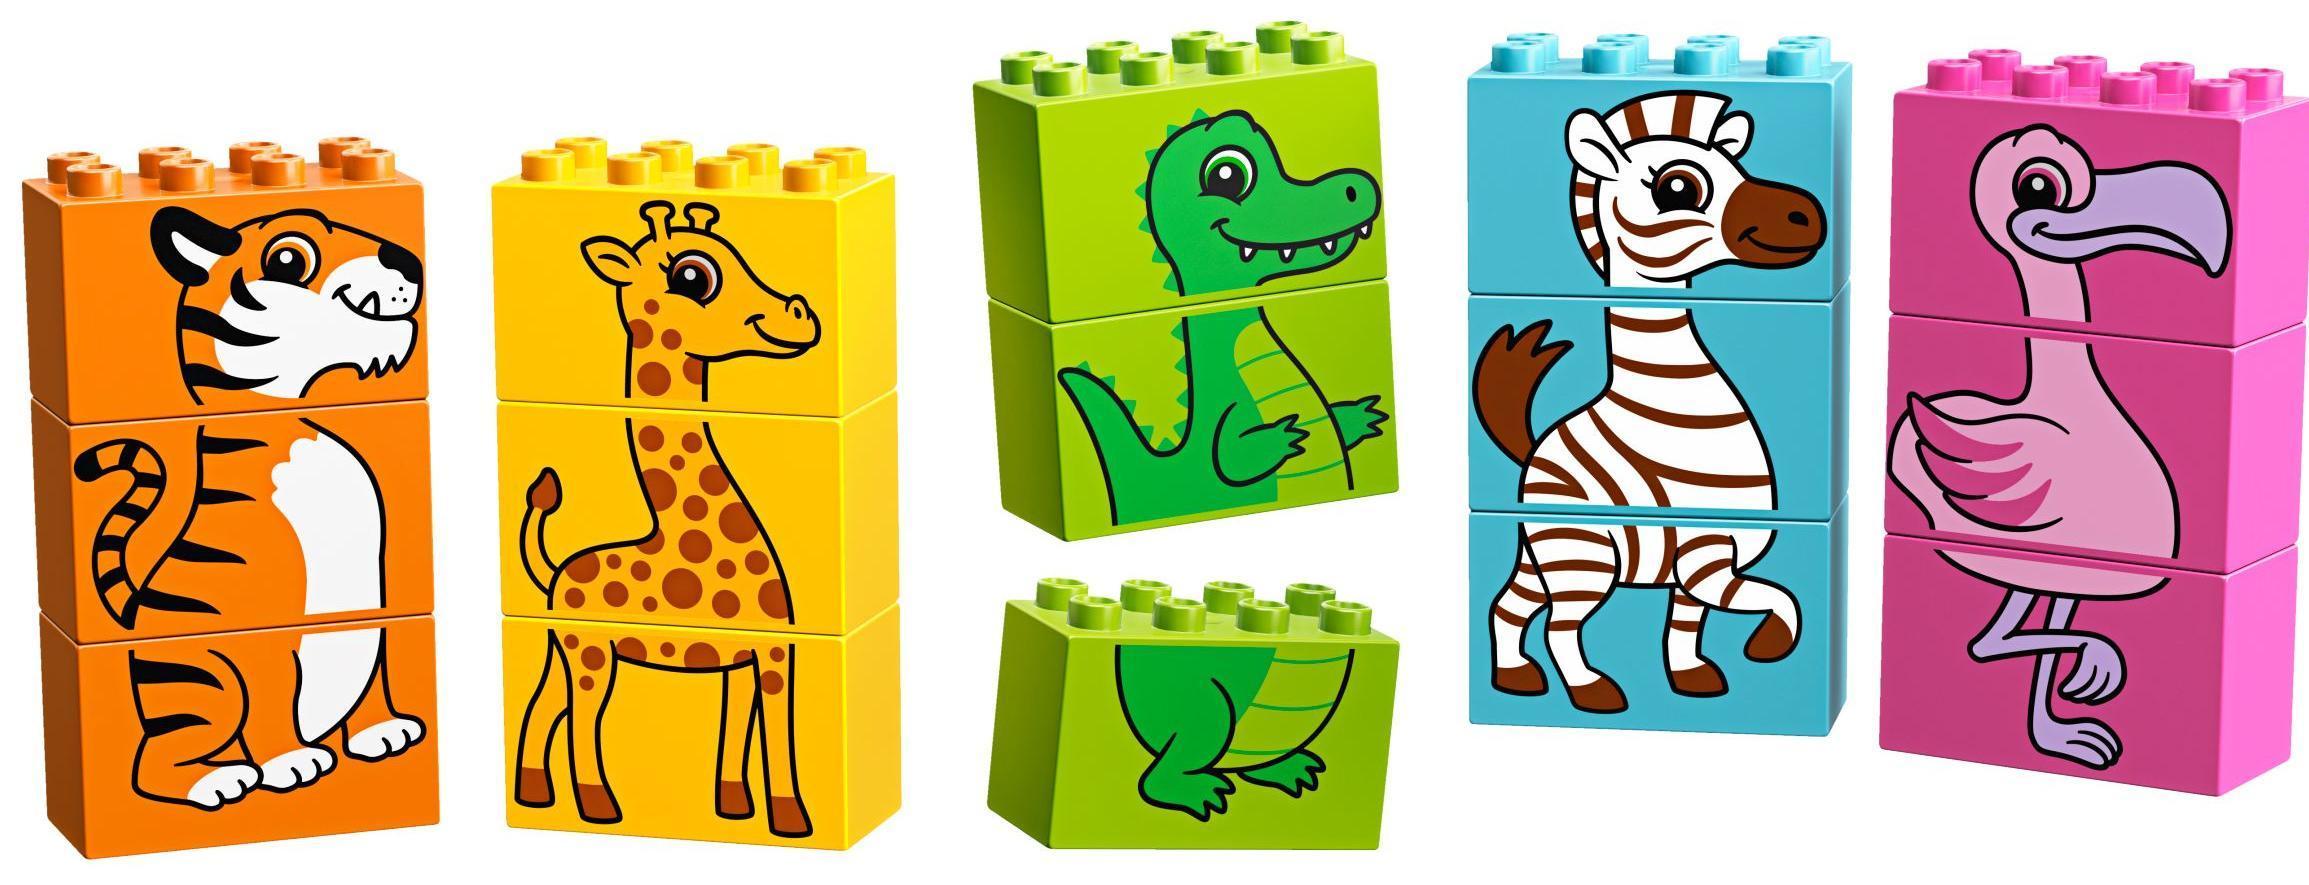 Купить Конструктор LEGO Duplo My First Мой первый паззл, Венгрия